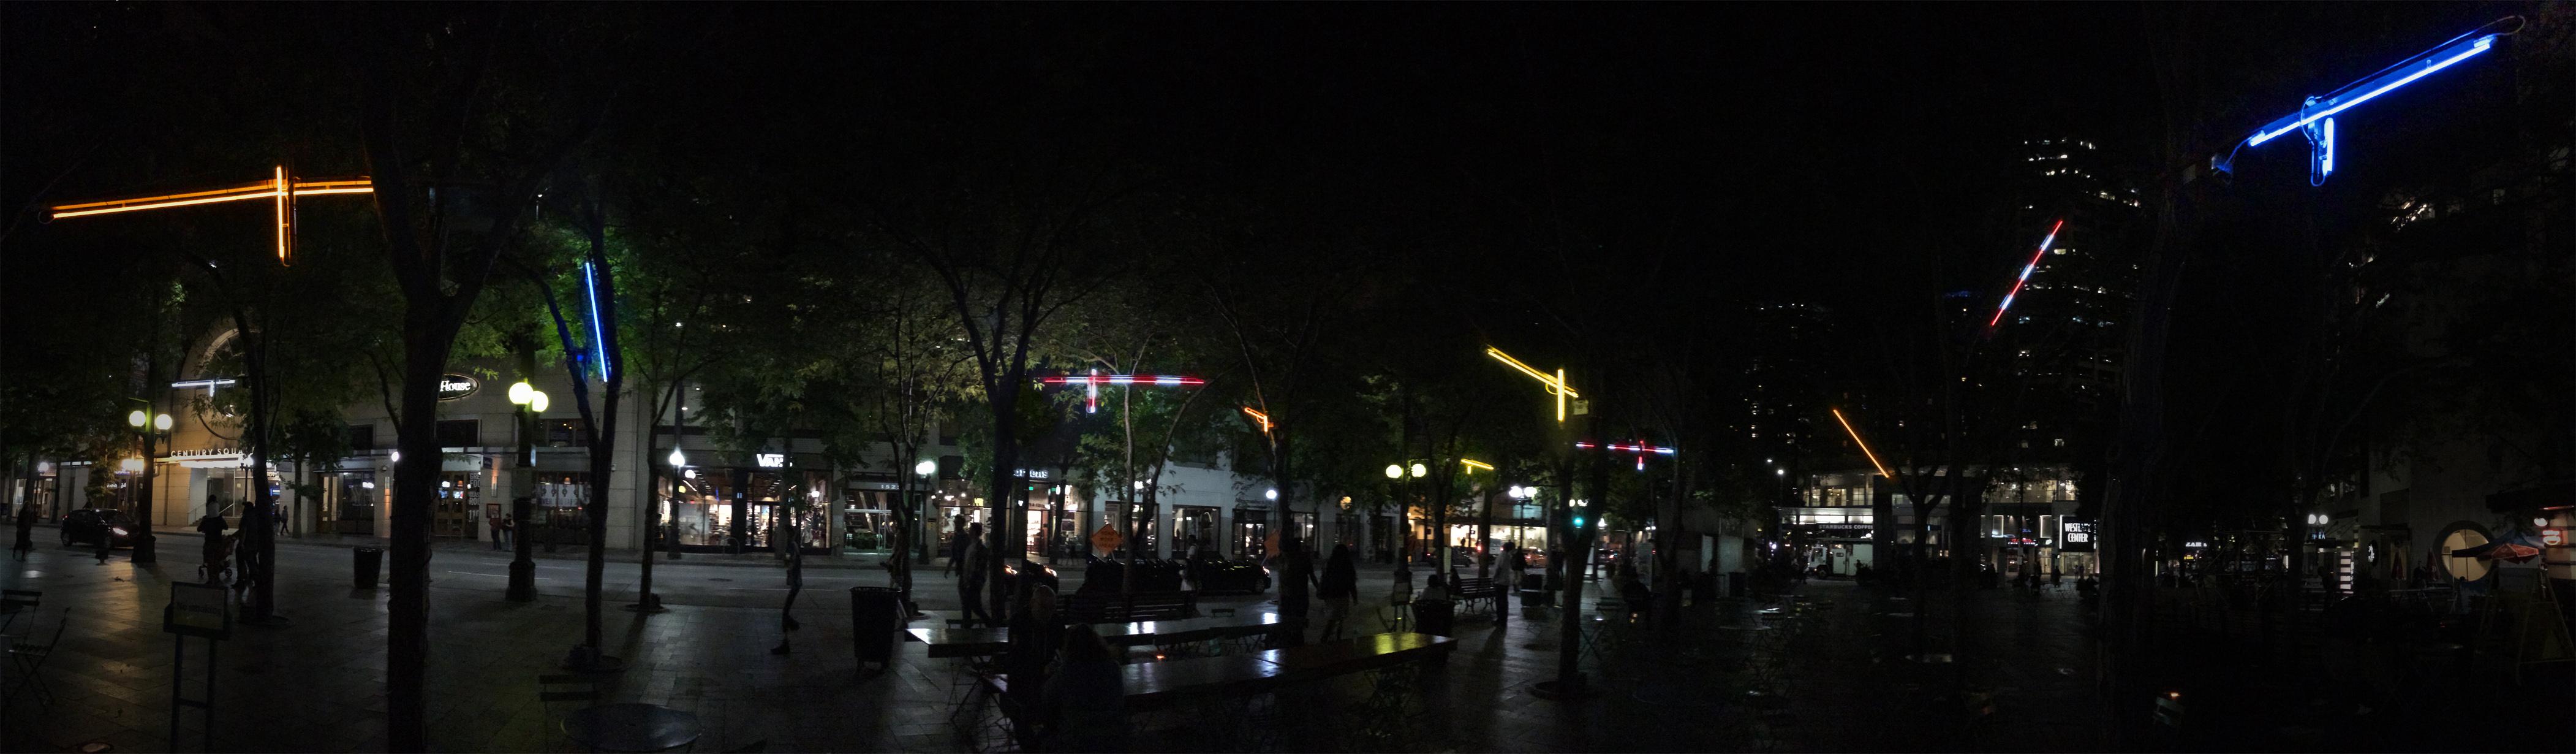 Neon cranes in Westlake Park